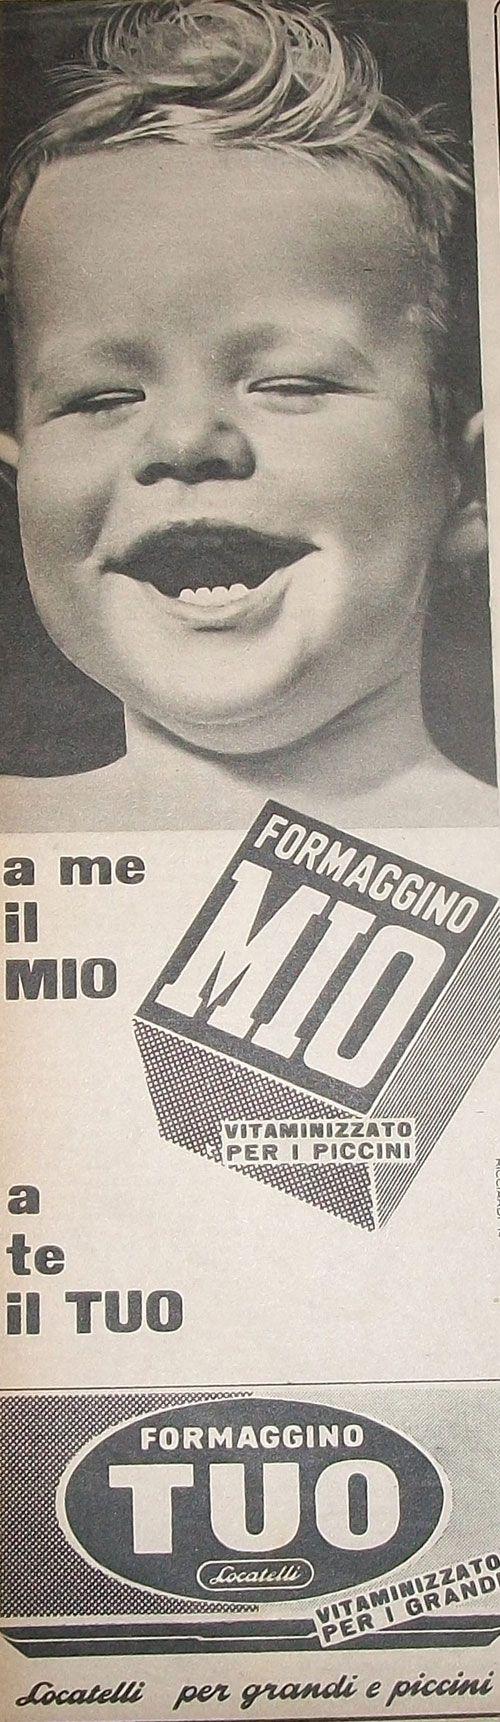 """www.piziarte.net La pubblicità negli anni 50 """"Formaggino Mio - Tuo"""" dalla rivista settimanale """"Il Tempo"""" 1954."""